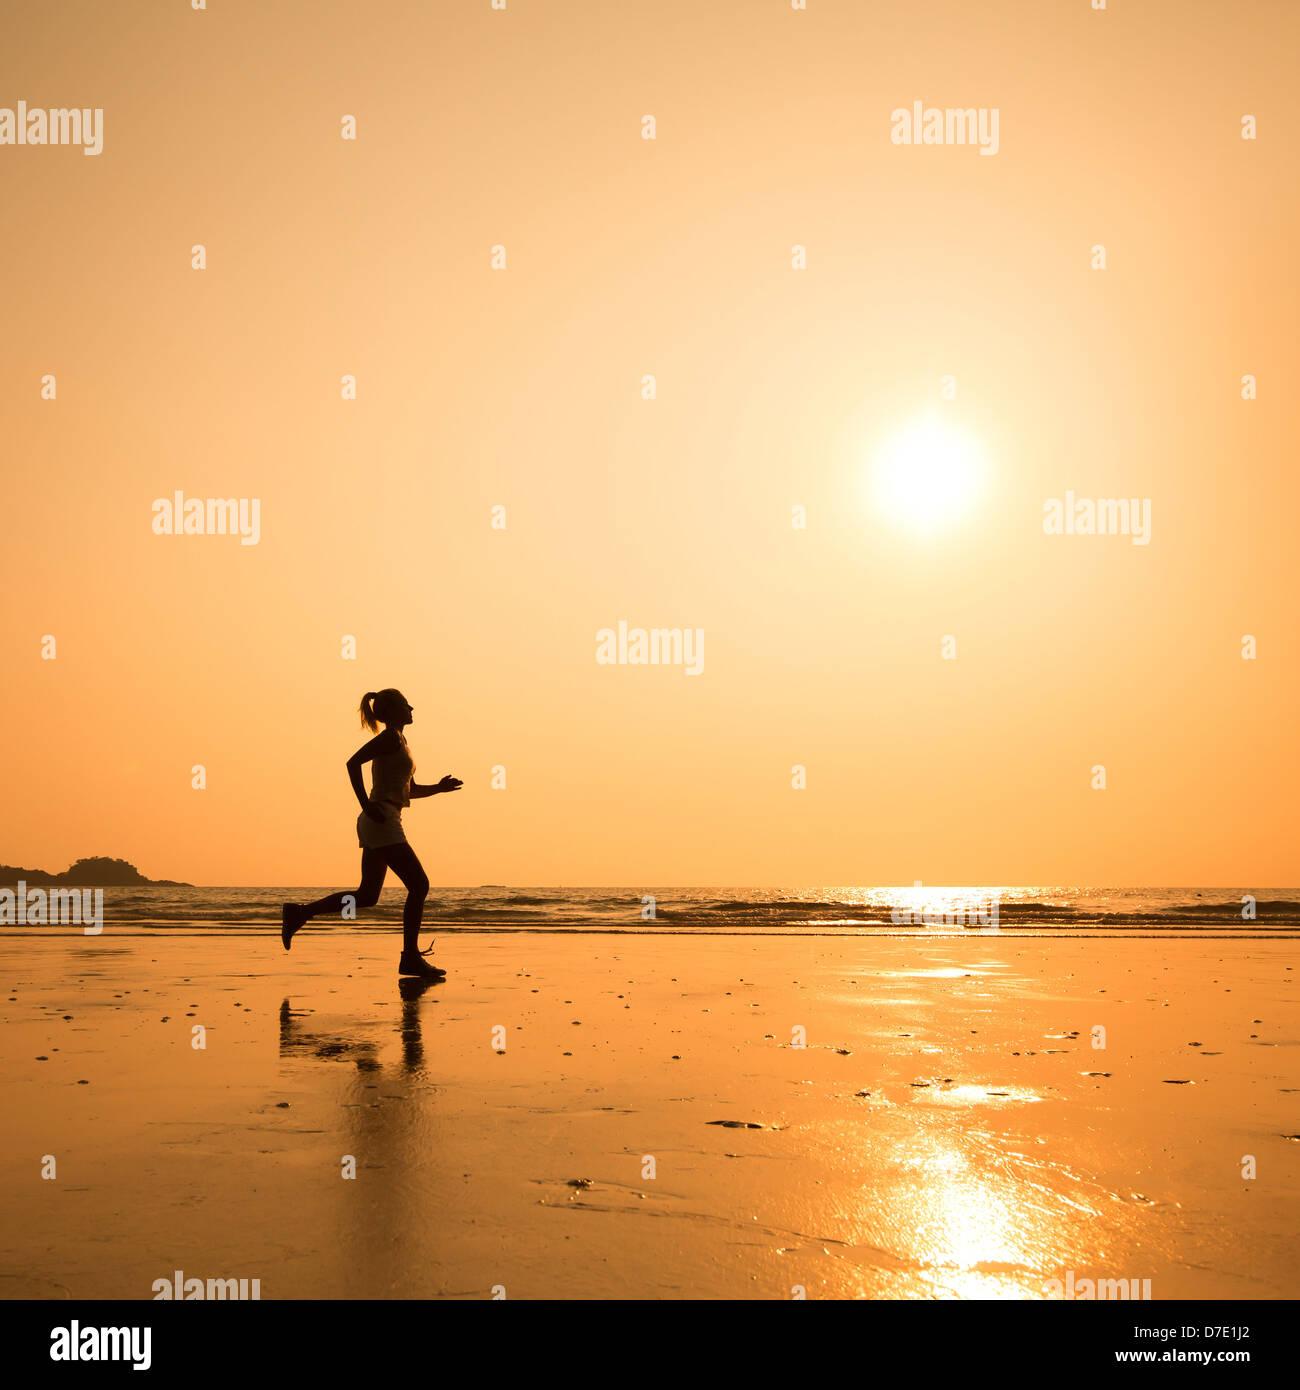 Ejecutar a propósito, mujer silueta en la playa Imagen De Stock